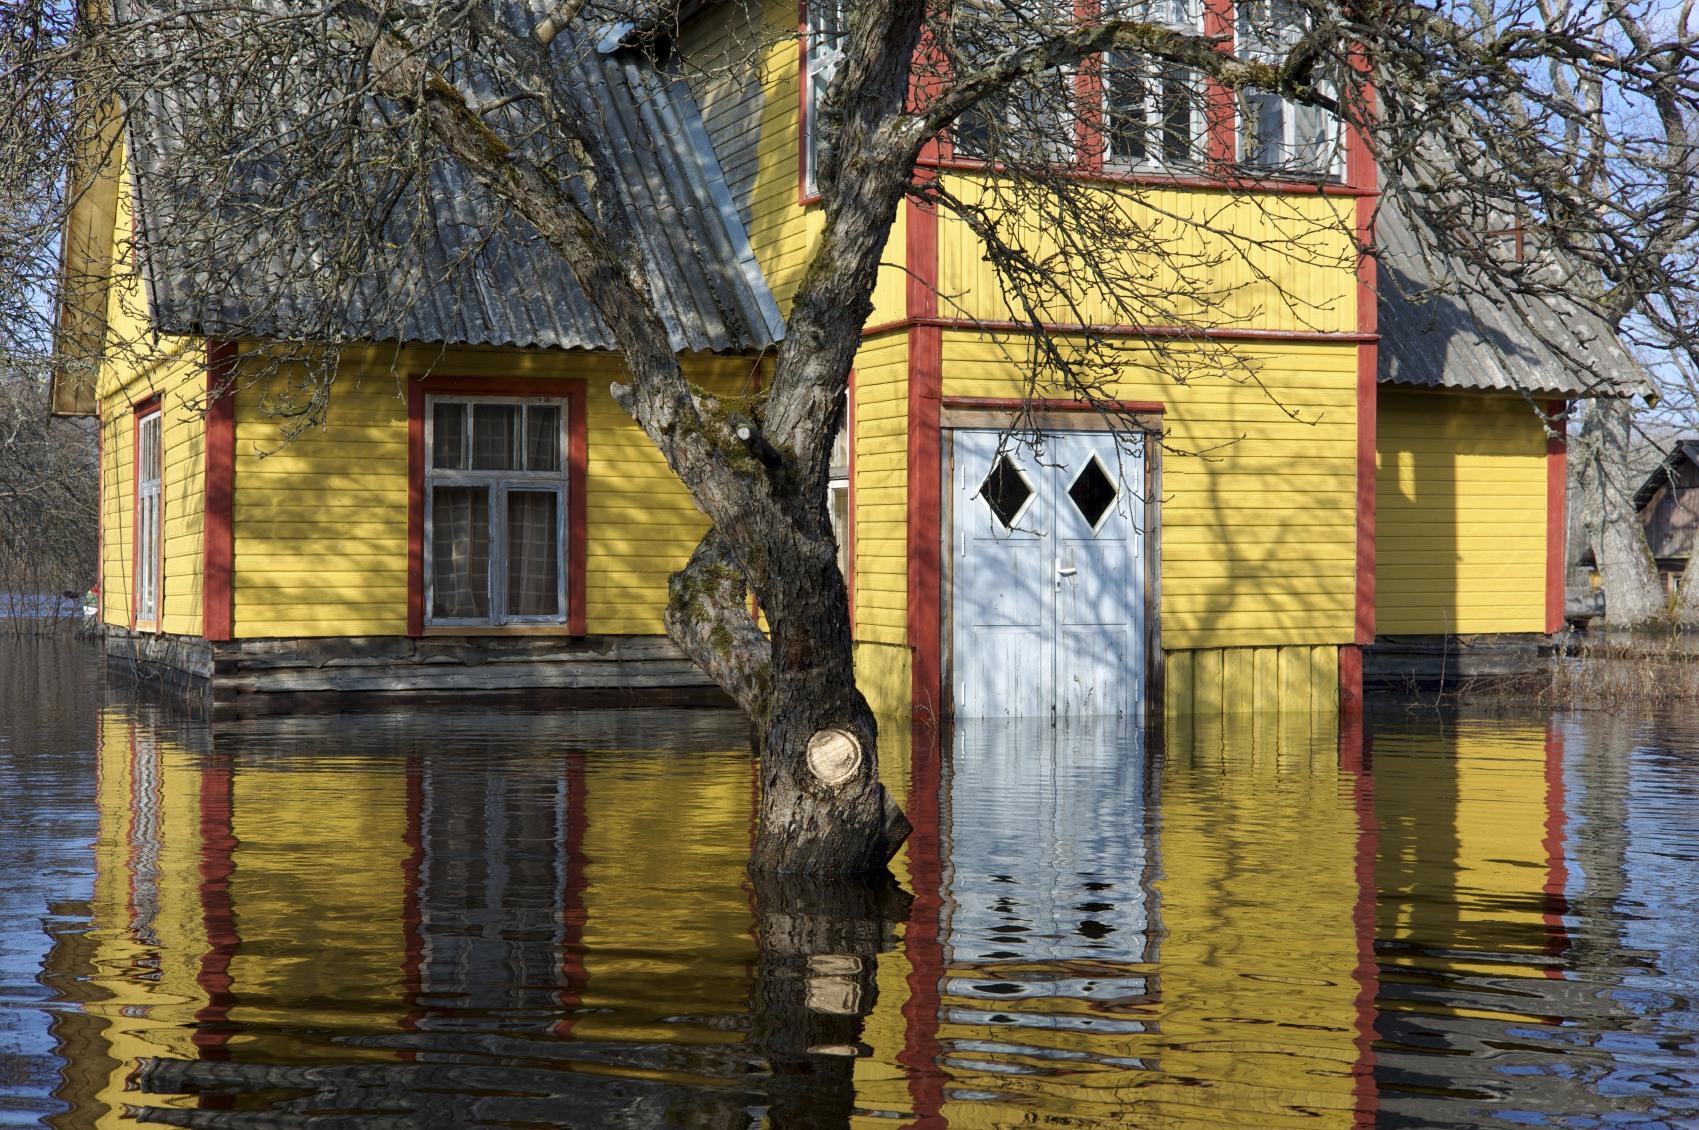 washing machine flooded house